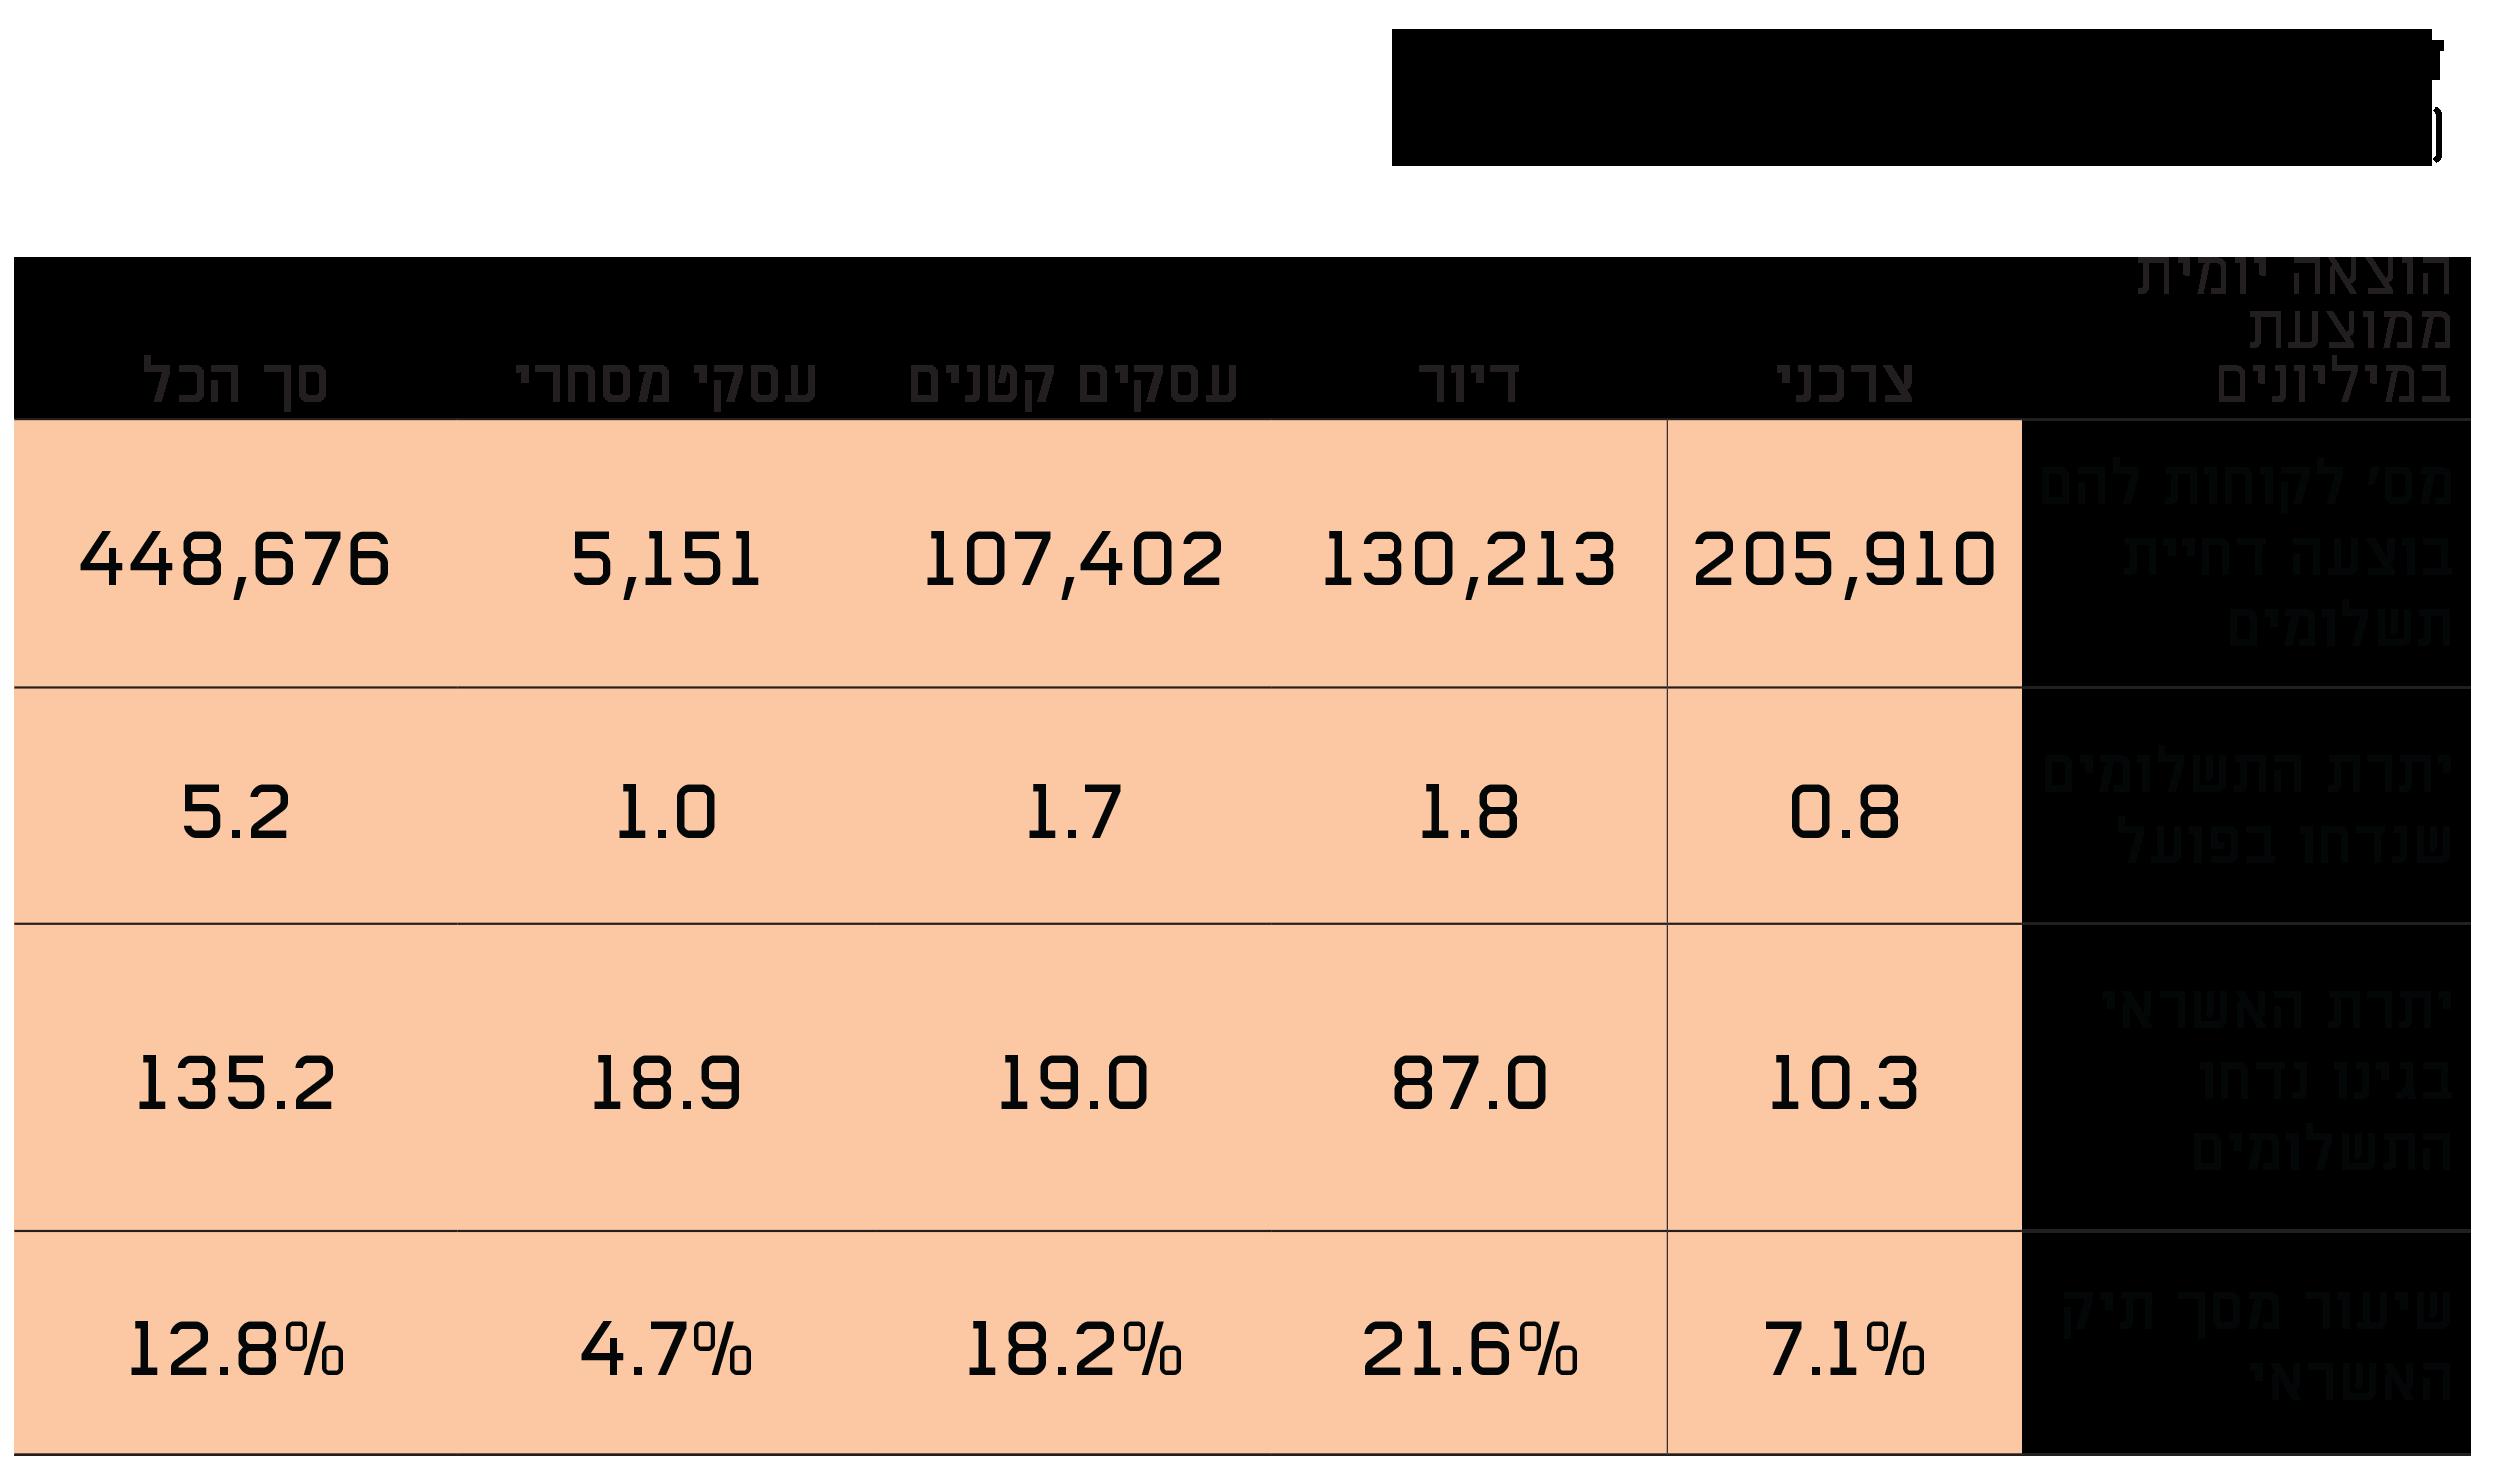 דחיות תשלומי אשראי החל מה-1.3.2020 (מיליארדי שקל)  / אינפוגרפיקה: בנק ישראל